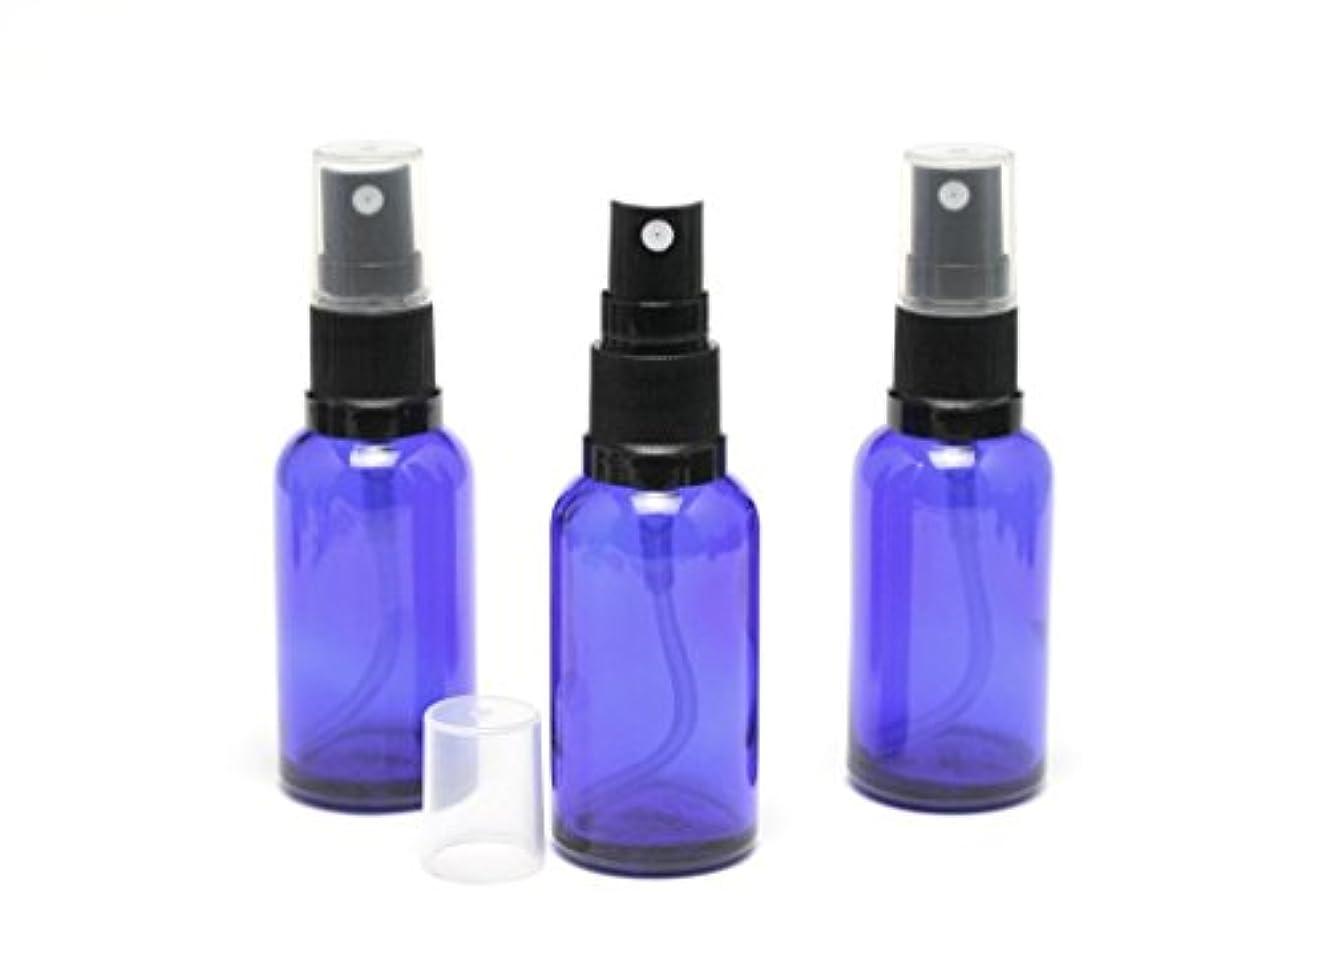 自伝現代の貝殻遮光瓶 スプレーボトル (グラス/アトマイザー) 30ml ブルー/ブラックヘッド 3本セット【新品アウトレット商品】